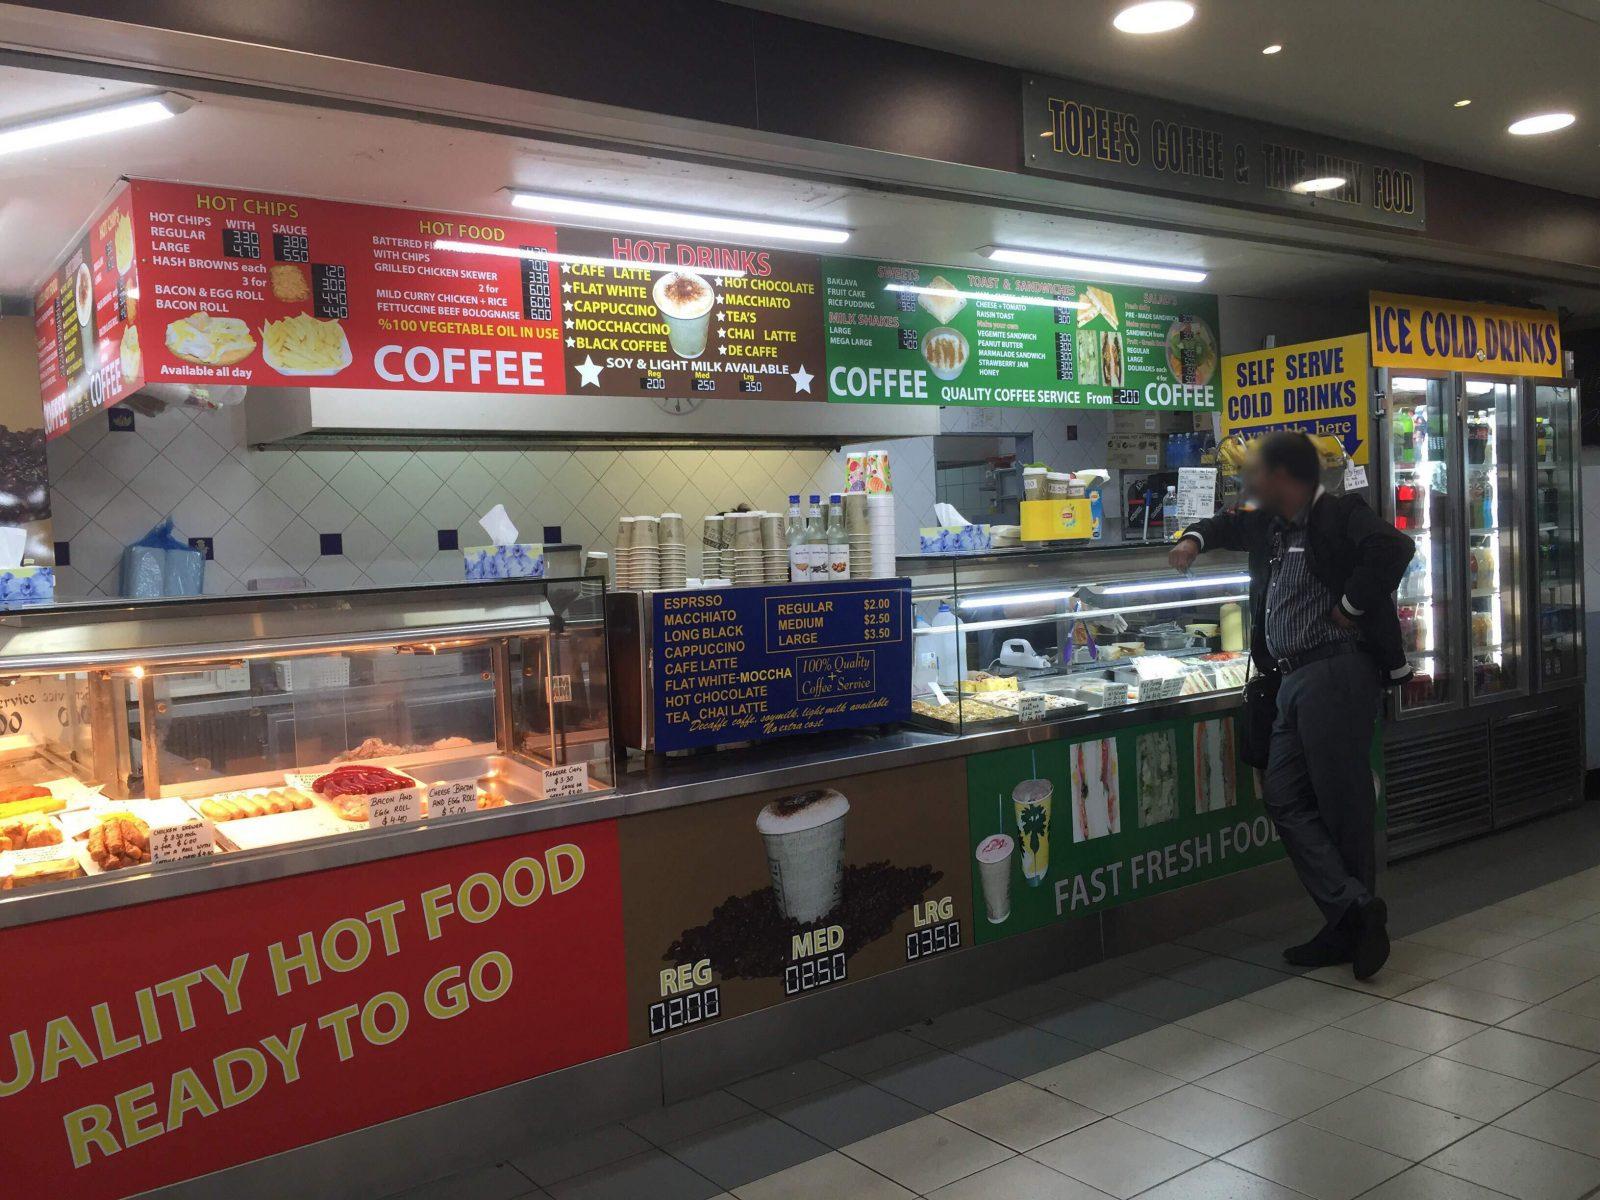 Topee's Coffee & Takeaway Food